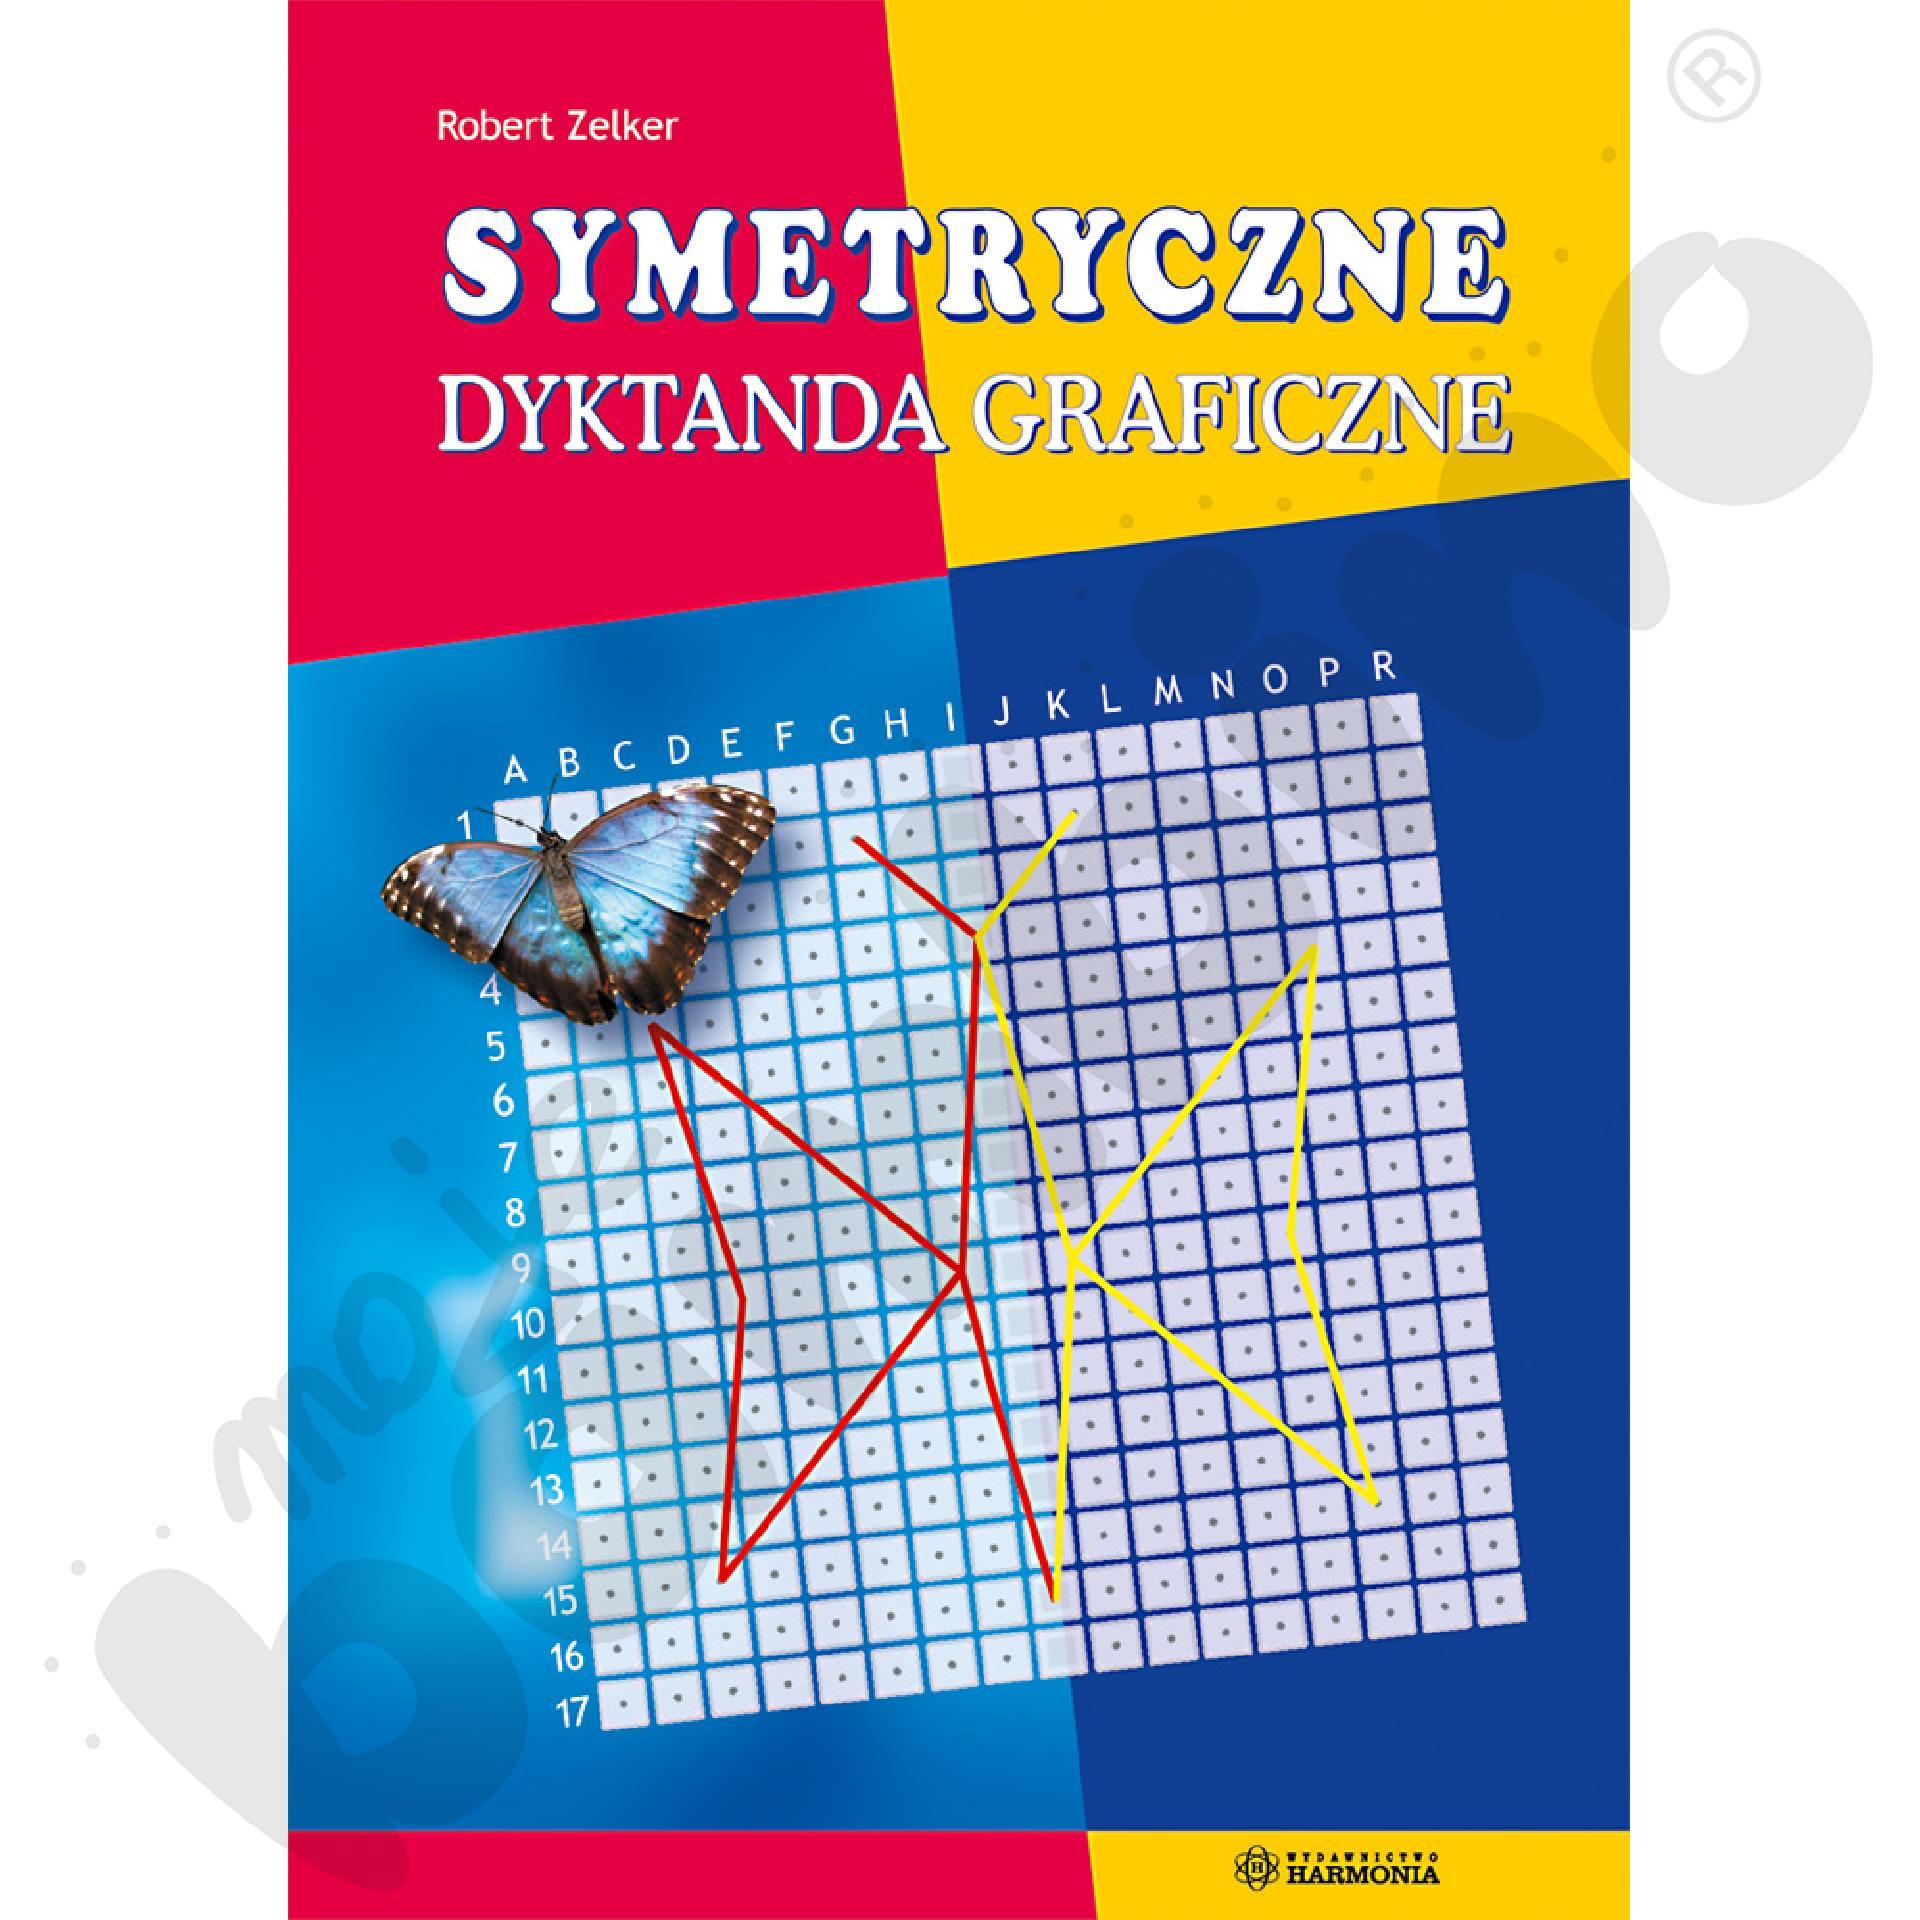 Symetryczne dyktanda graficzne